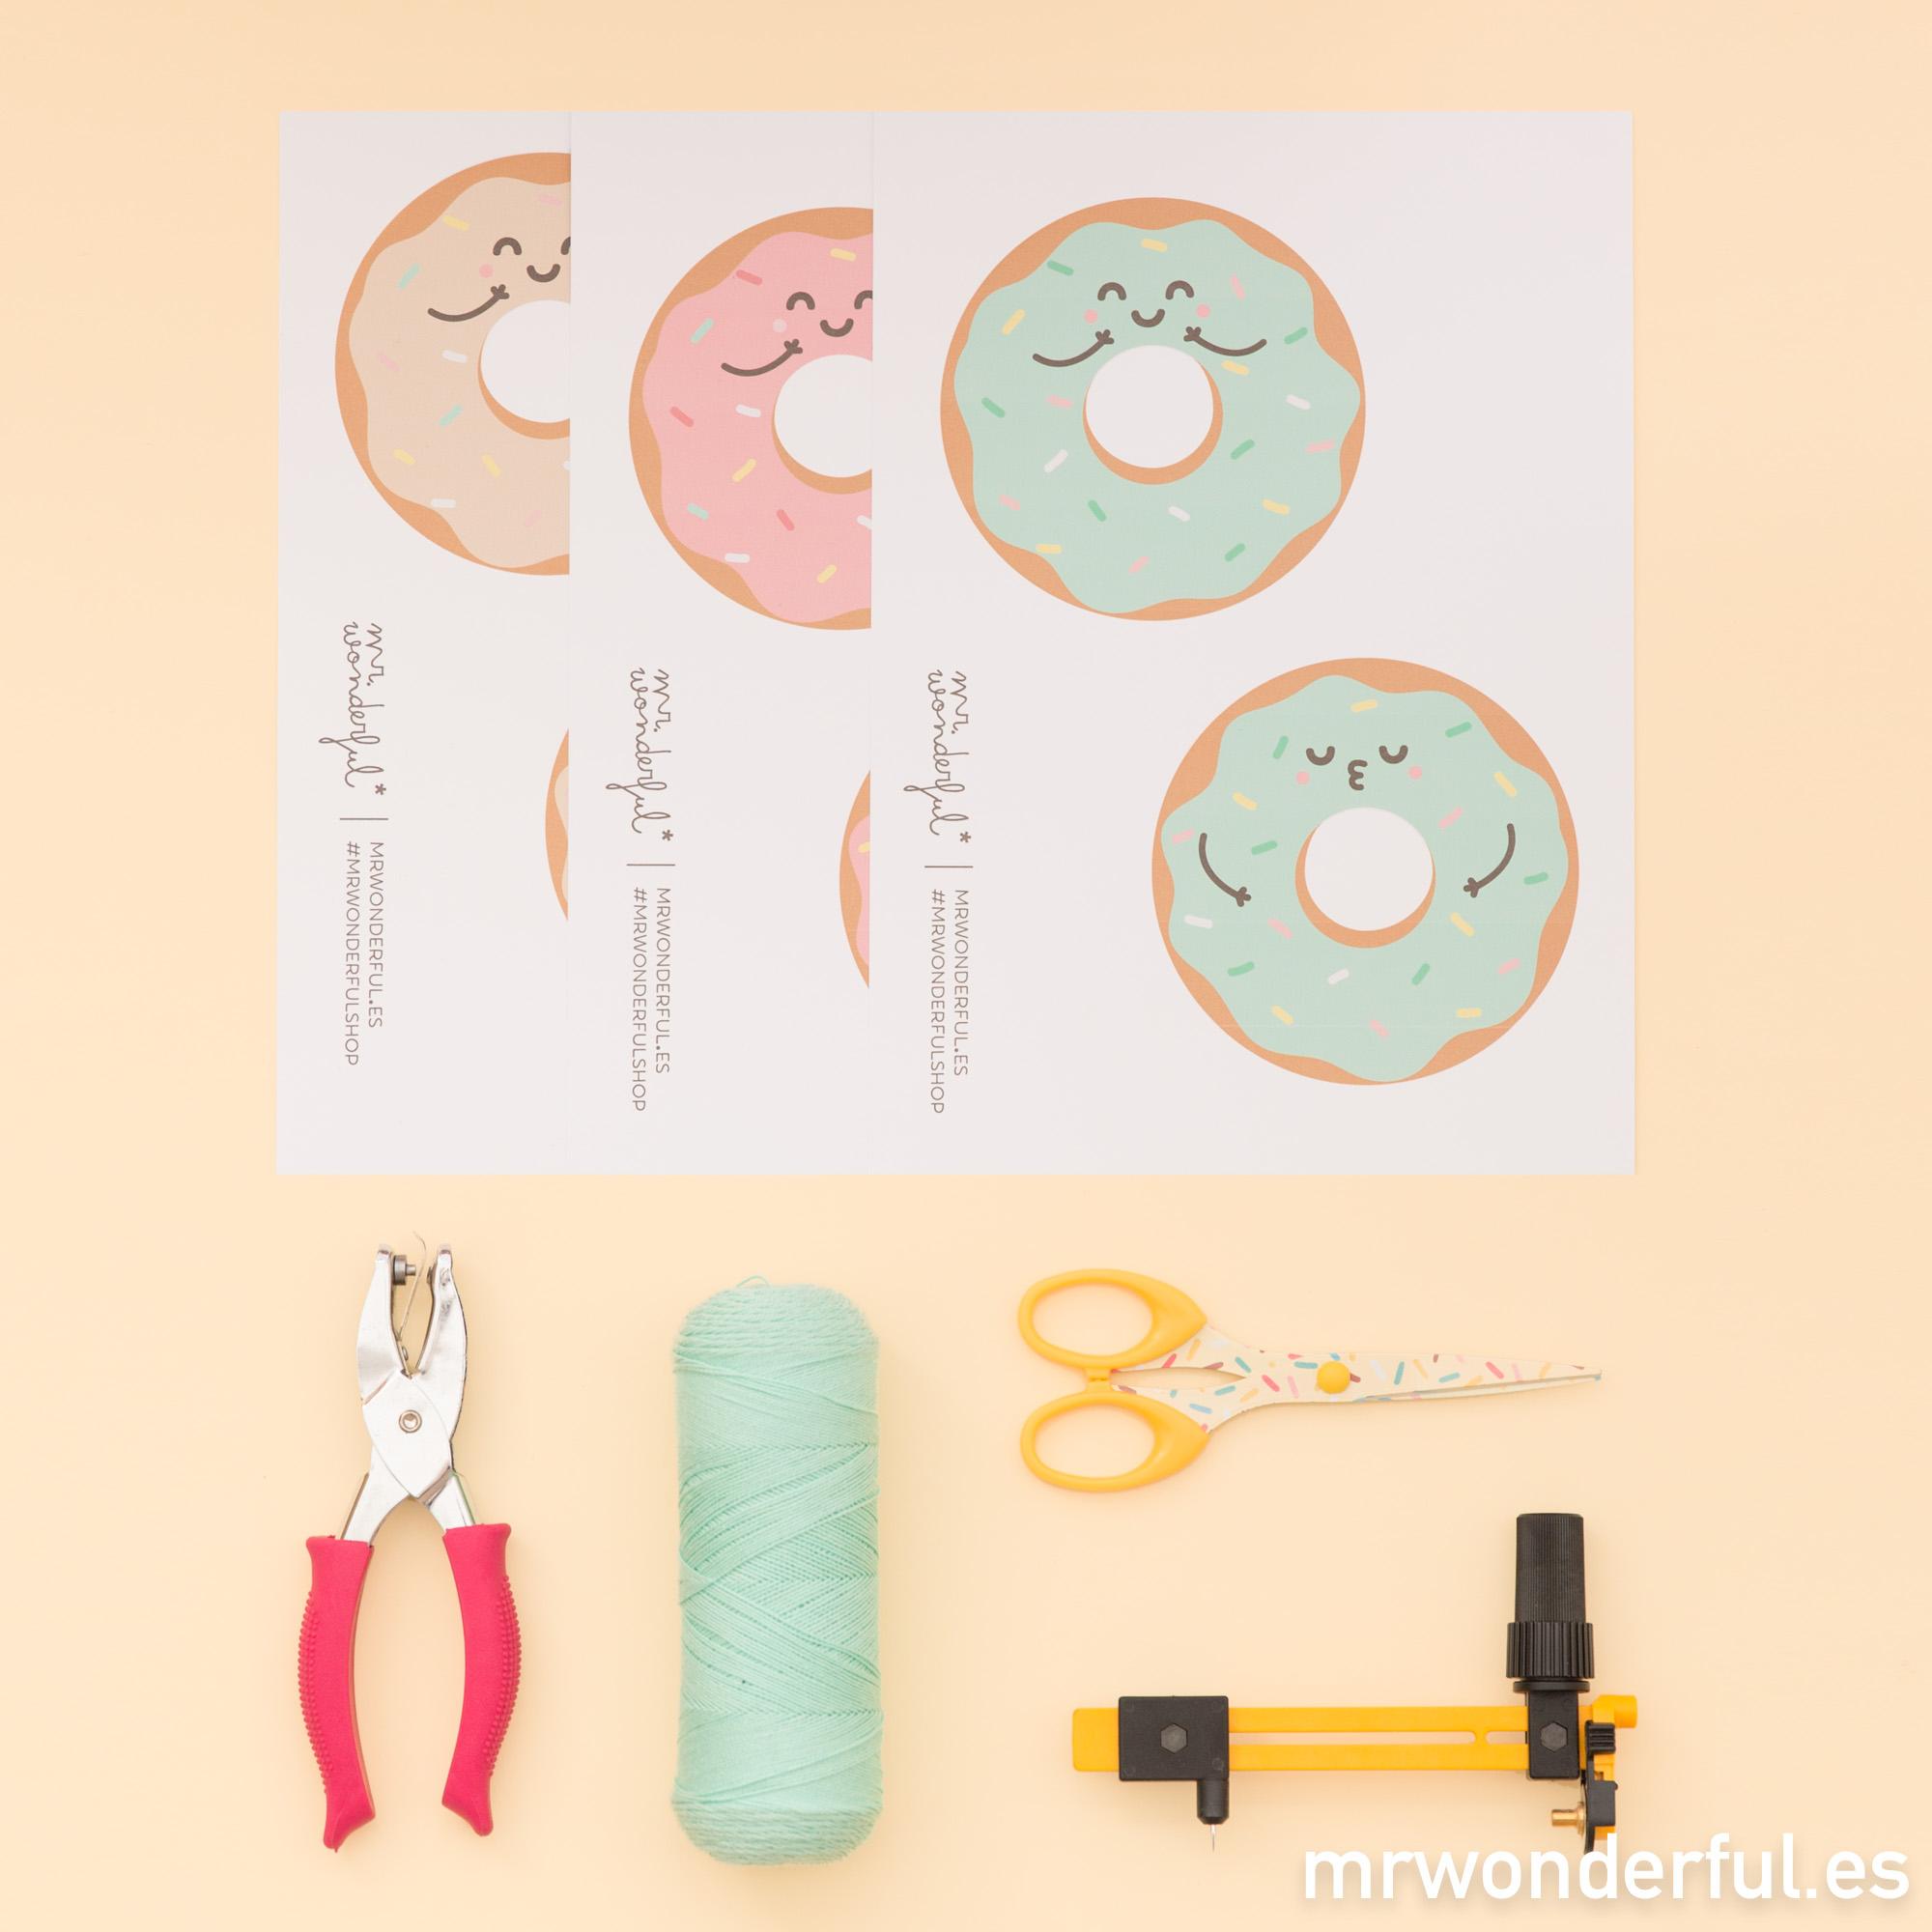 mrwonderful_descargable_banderin-donuts-1-editar